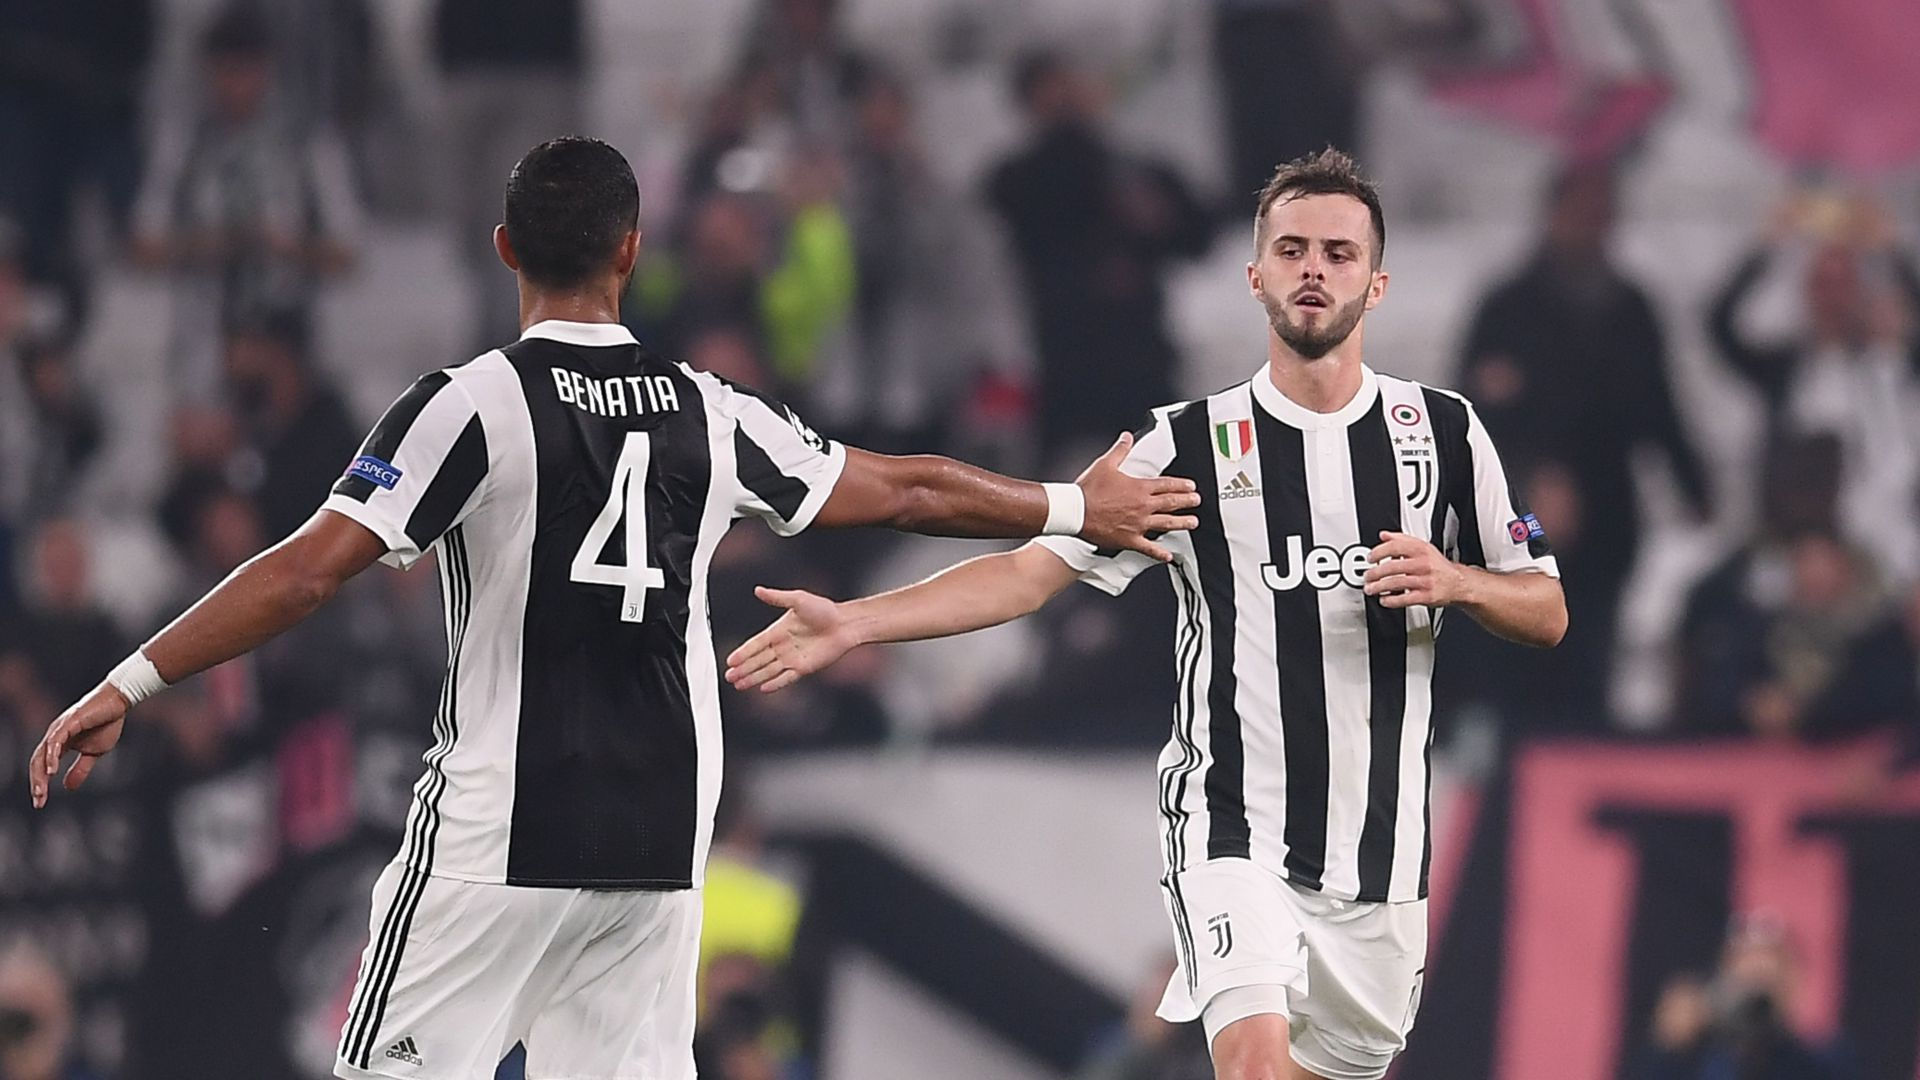 Calciomercato Juventus, Benatia svela il futuro di Pjanic